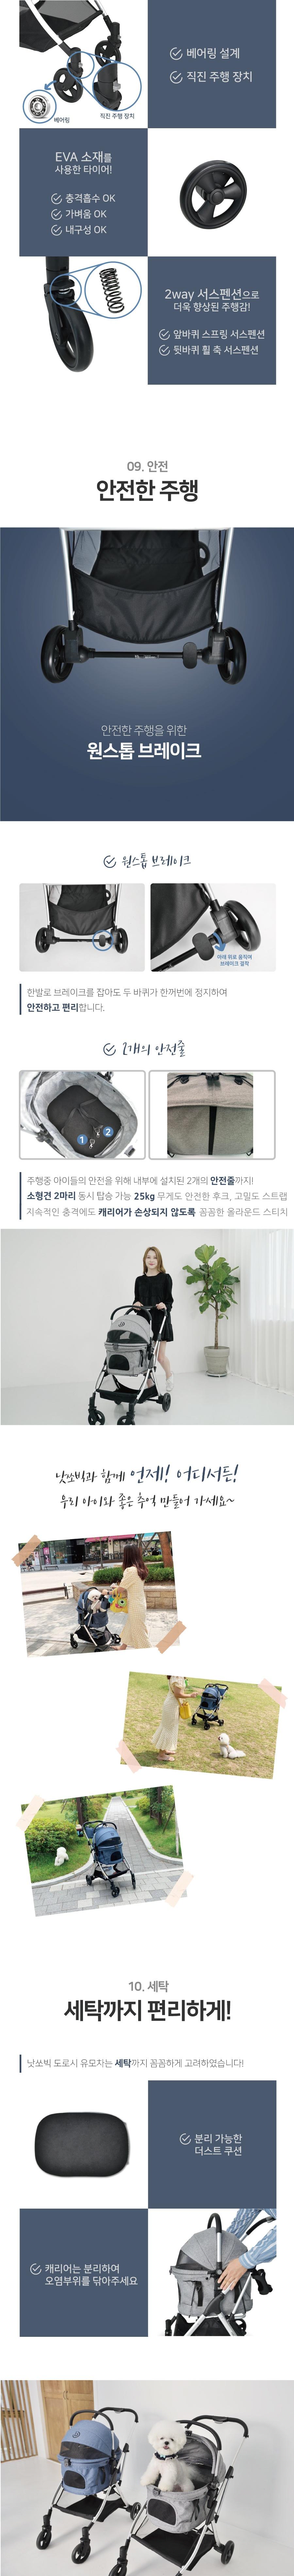 낫쏘빅 도로시 유모차 (펠리스그레이/캐니스블루)-상품이미지-6